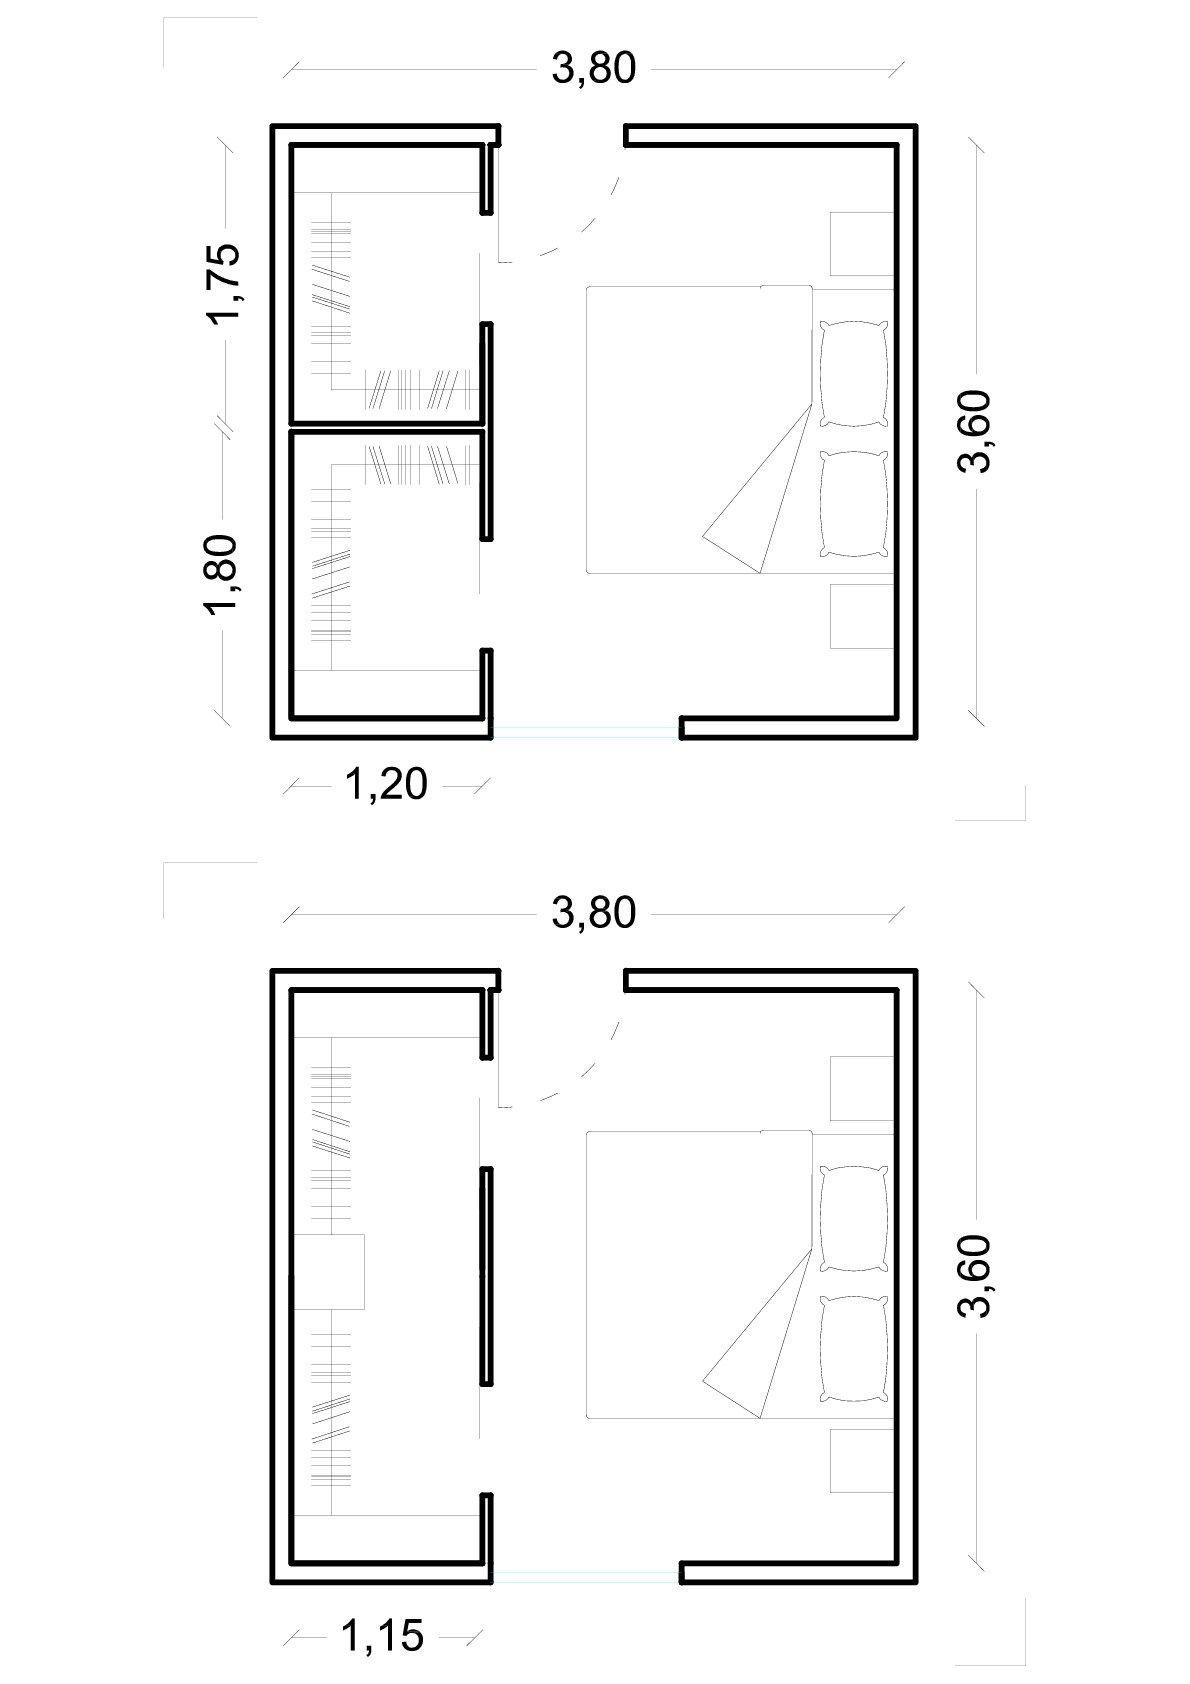 cabina armadio dietro al letto misure - Cerca con Google ...